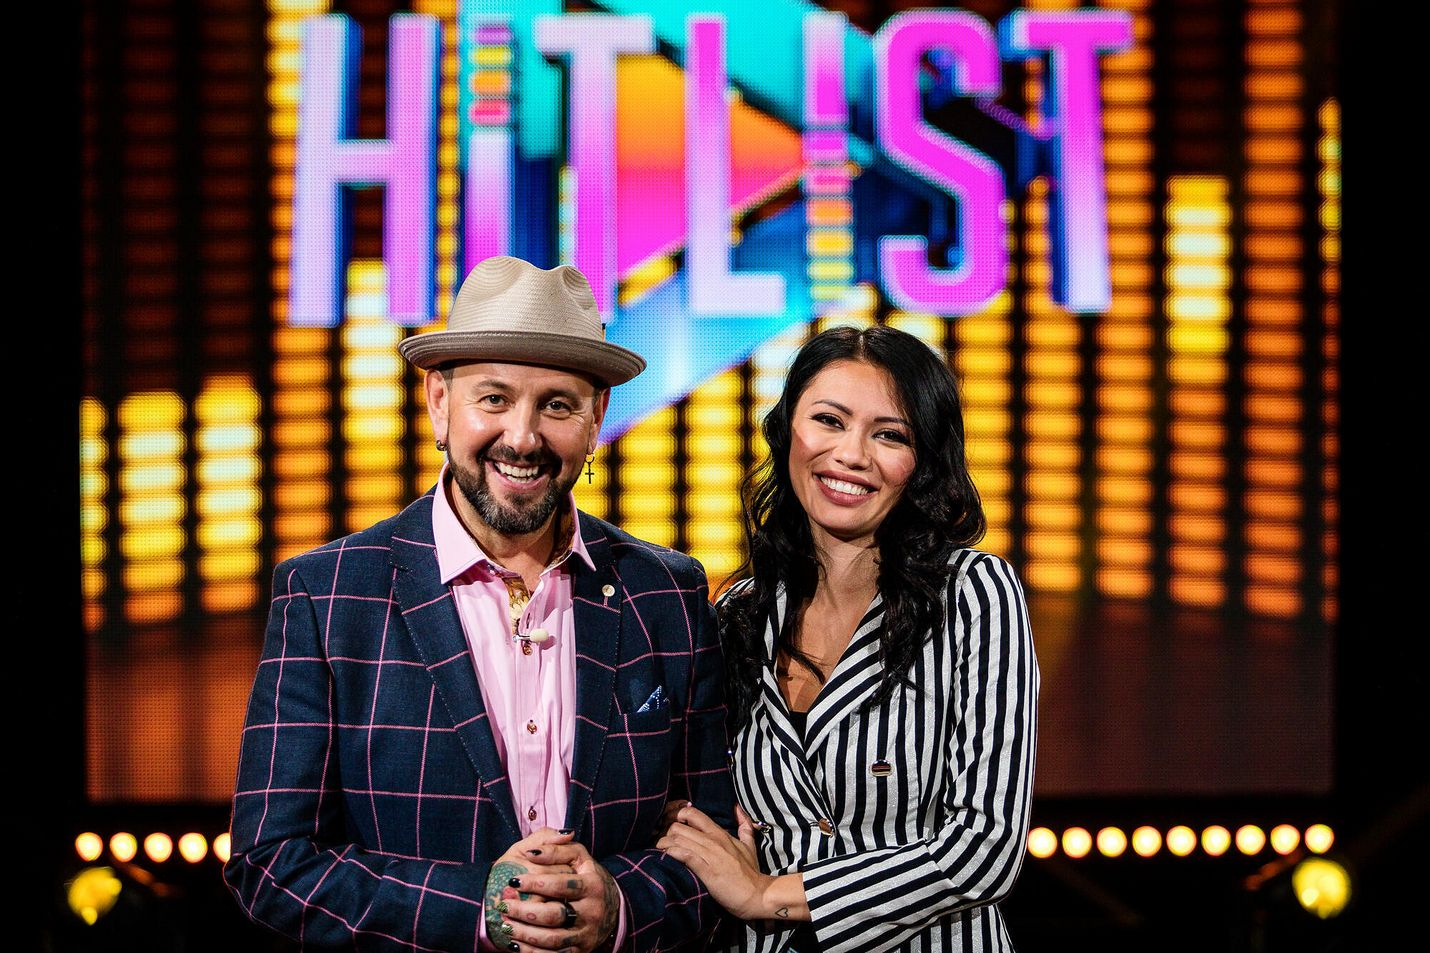 Radiojuontaja Esko Eerikäinen on ensimmäistä kertaa juontohommissa televisiossa. Shirly Karvisella on kokemusta muun muassa Temptation Island Suomesta ja Viettele vaatteilla -sarjasta.